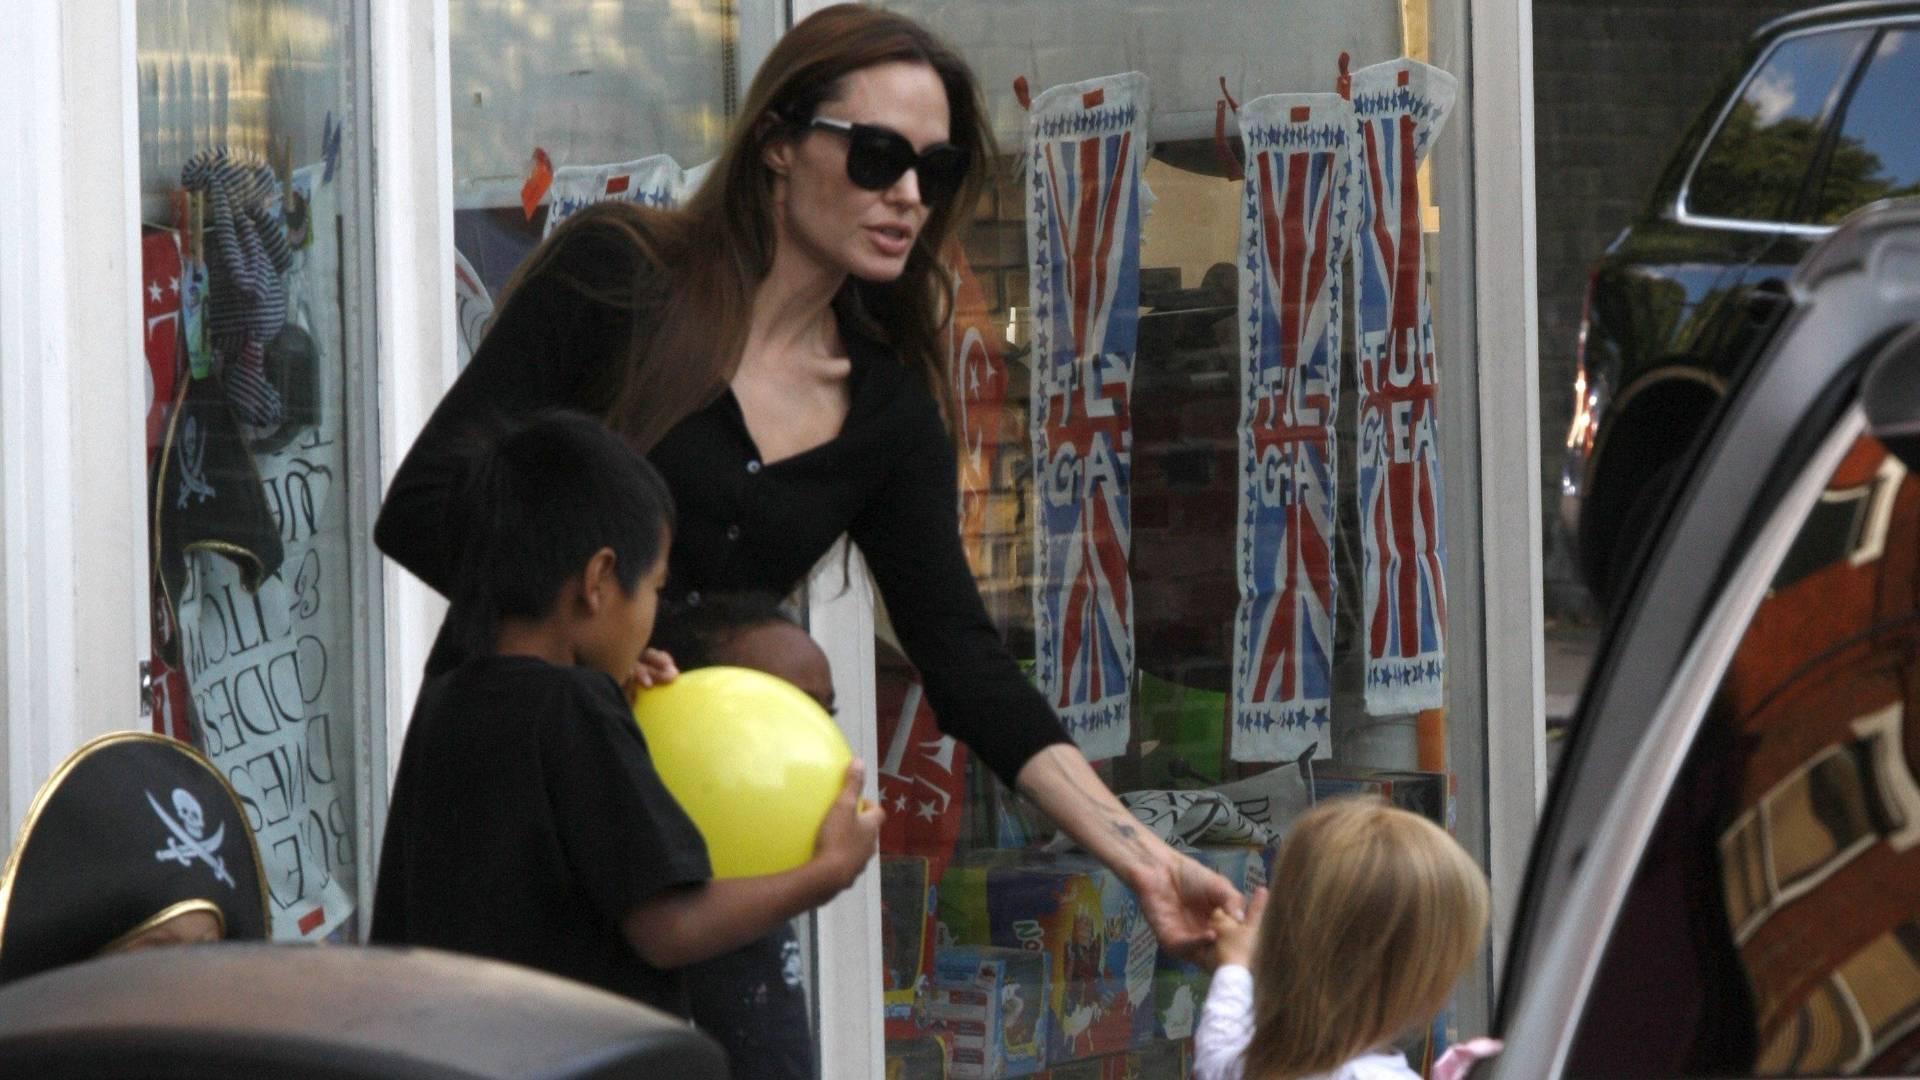 Sozinha, atriz Angelina Jolie leva os filhos para passear em Londres (9/8/11)